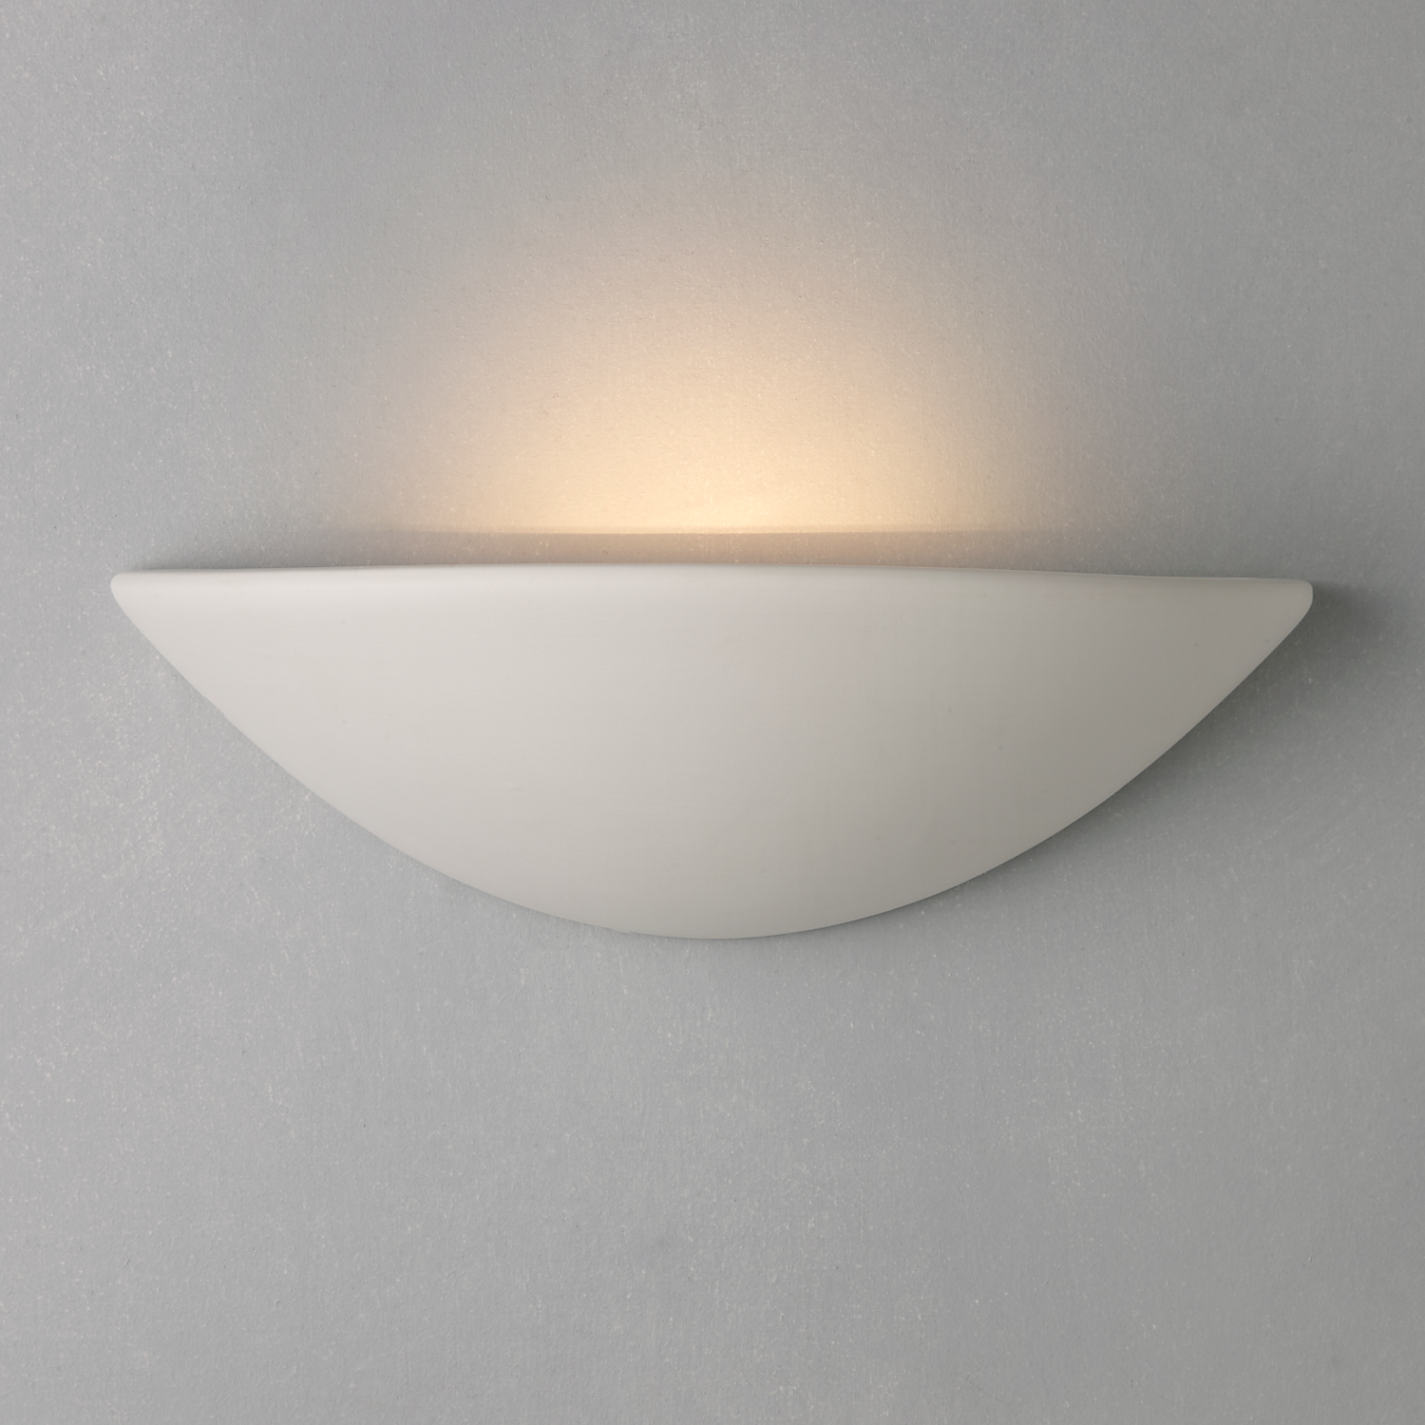 Buy john lewis radius uplighter wall light white john lewis buy john lewis radius uplighter wall light white online at johnlewis aloadofball Images